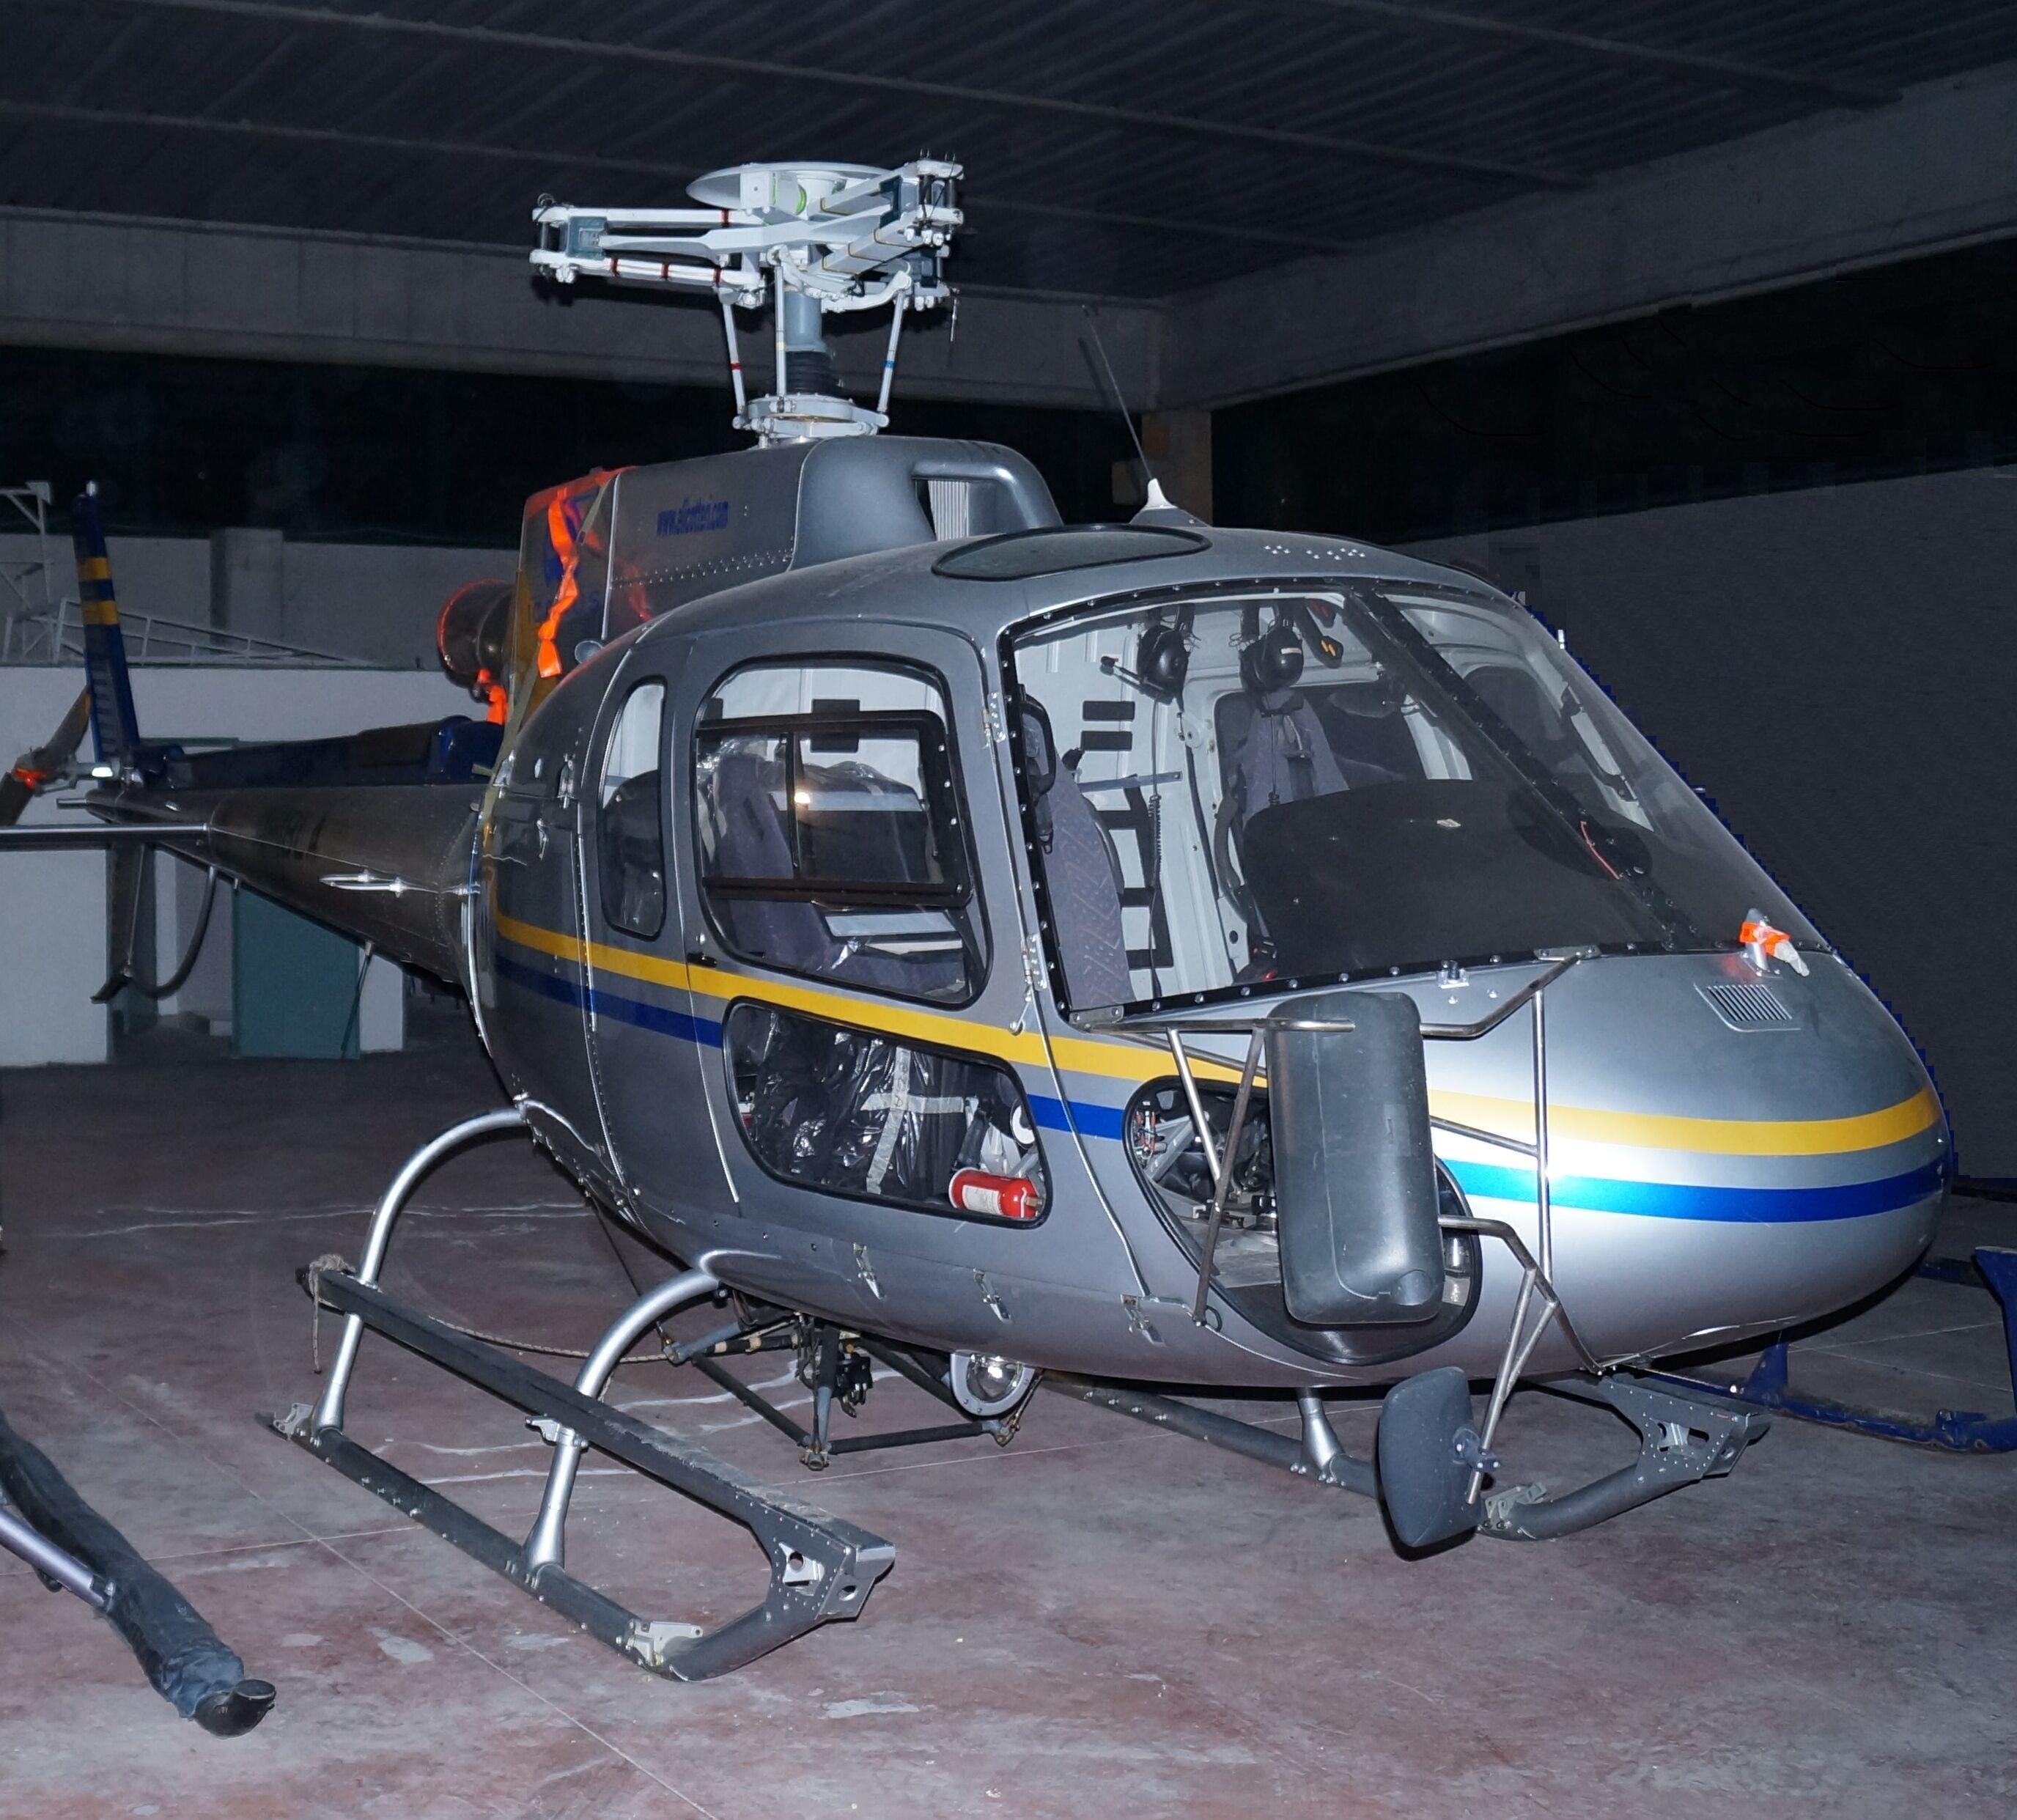 Elicottero B3 : Carabinieri sequestrano un elicottero in un capannone cronache